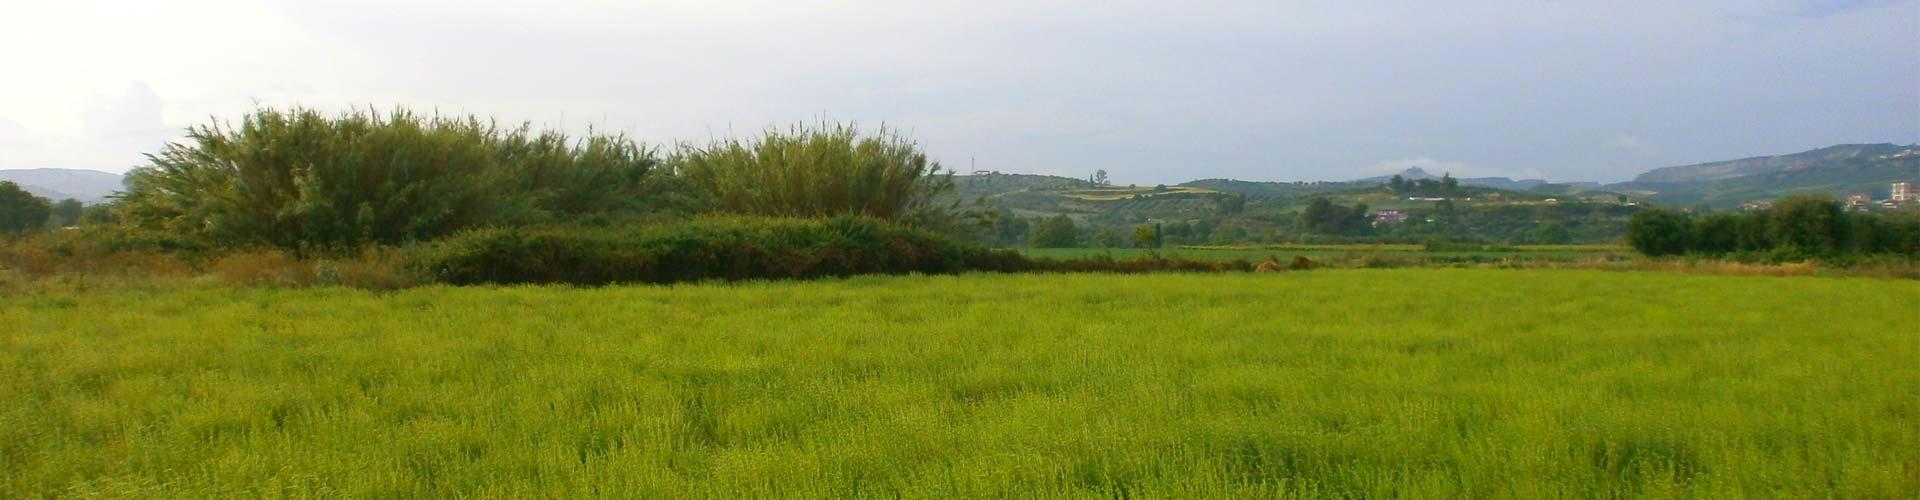 Aroma Farms